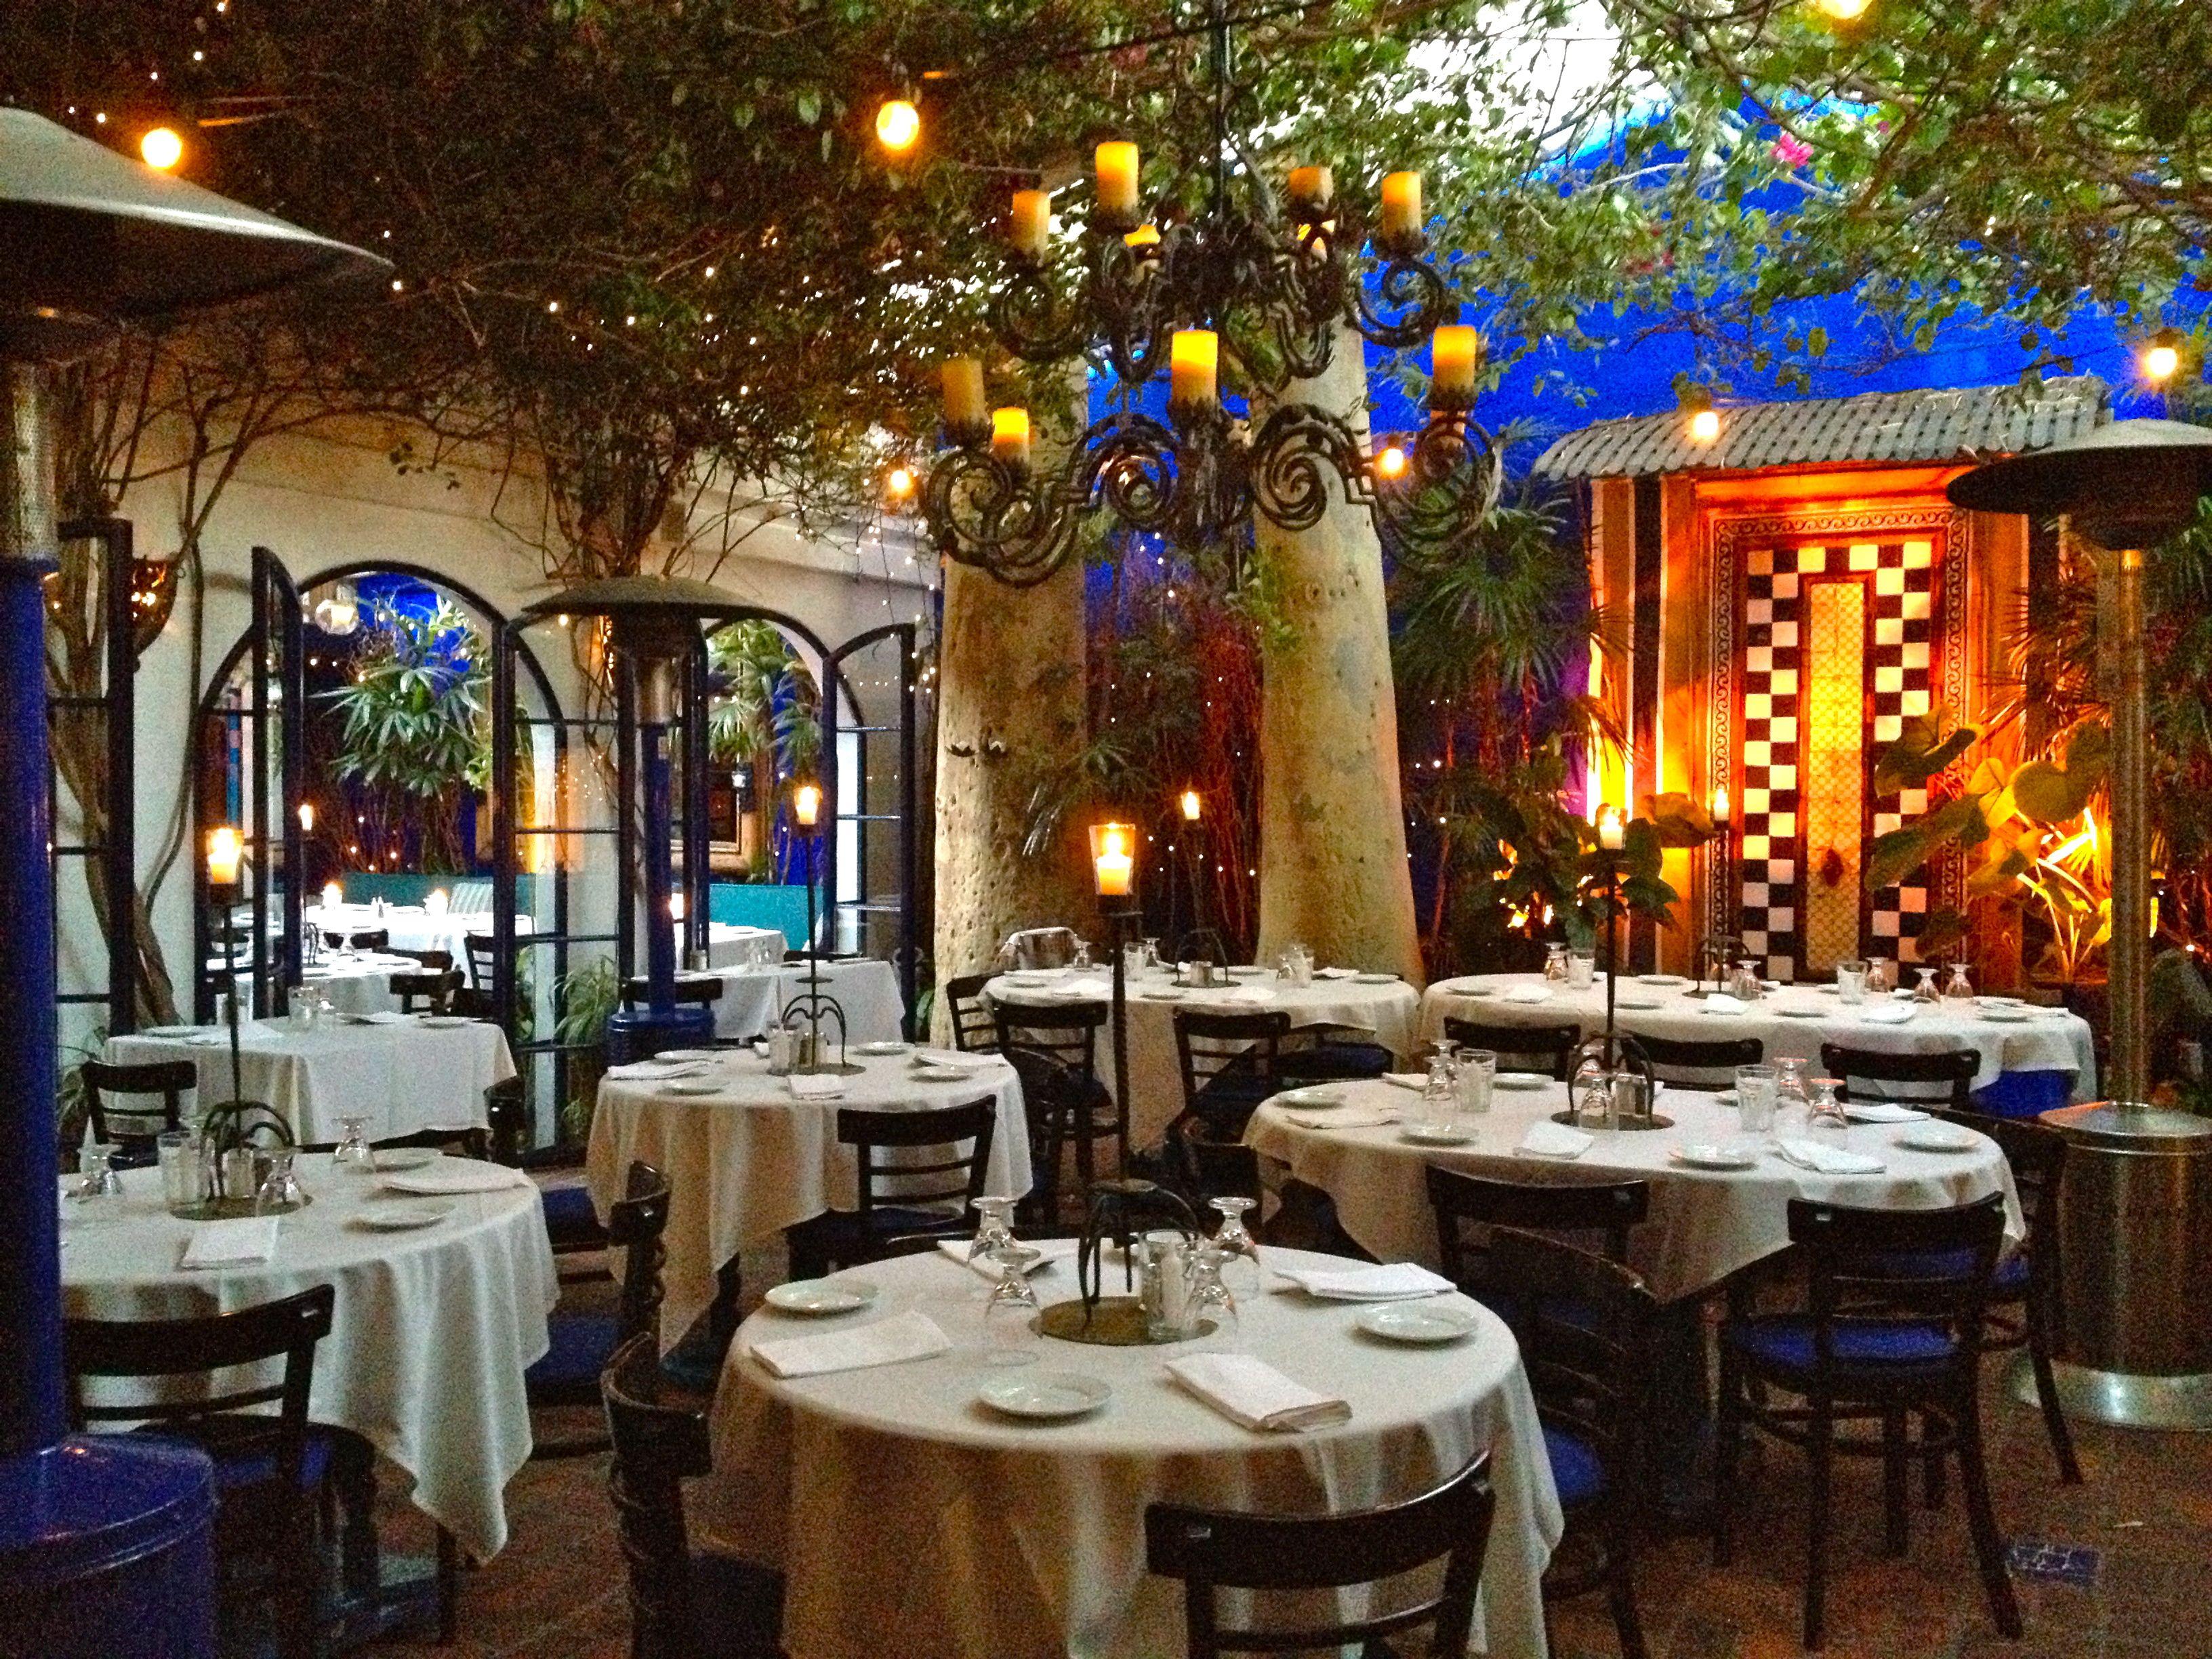 Romantic Restaurants In Los Angeles Los Angeles Restaurants California Restaurants Southern California